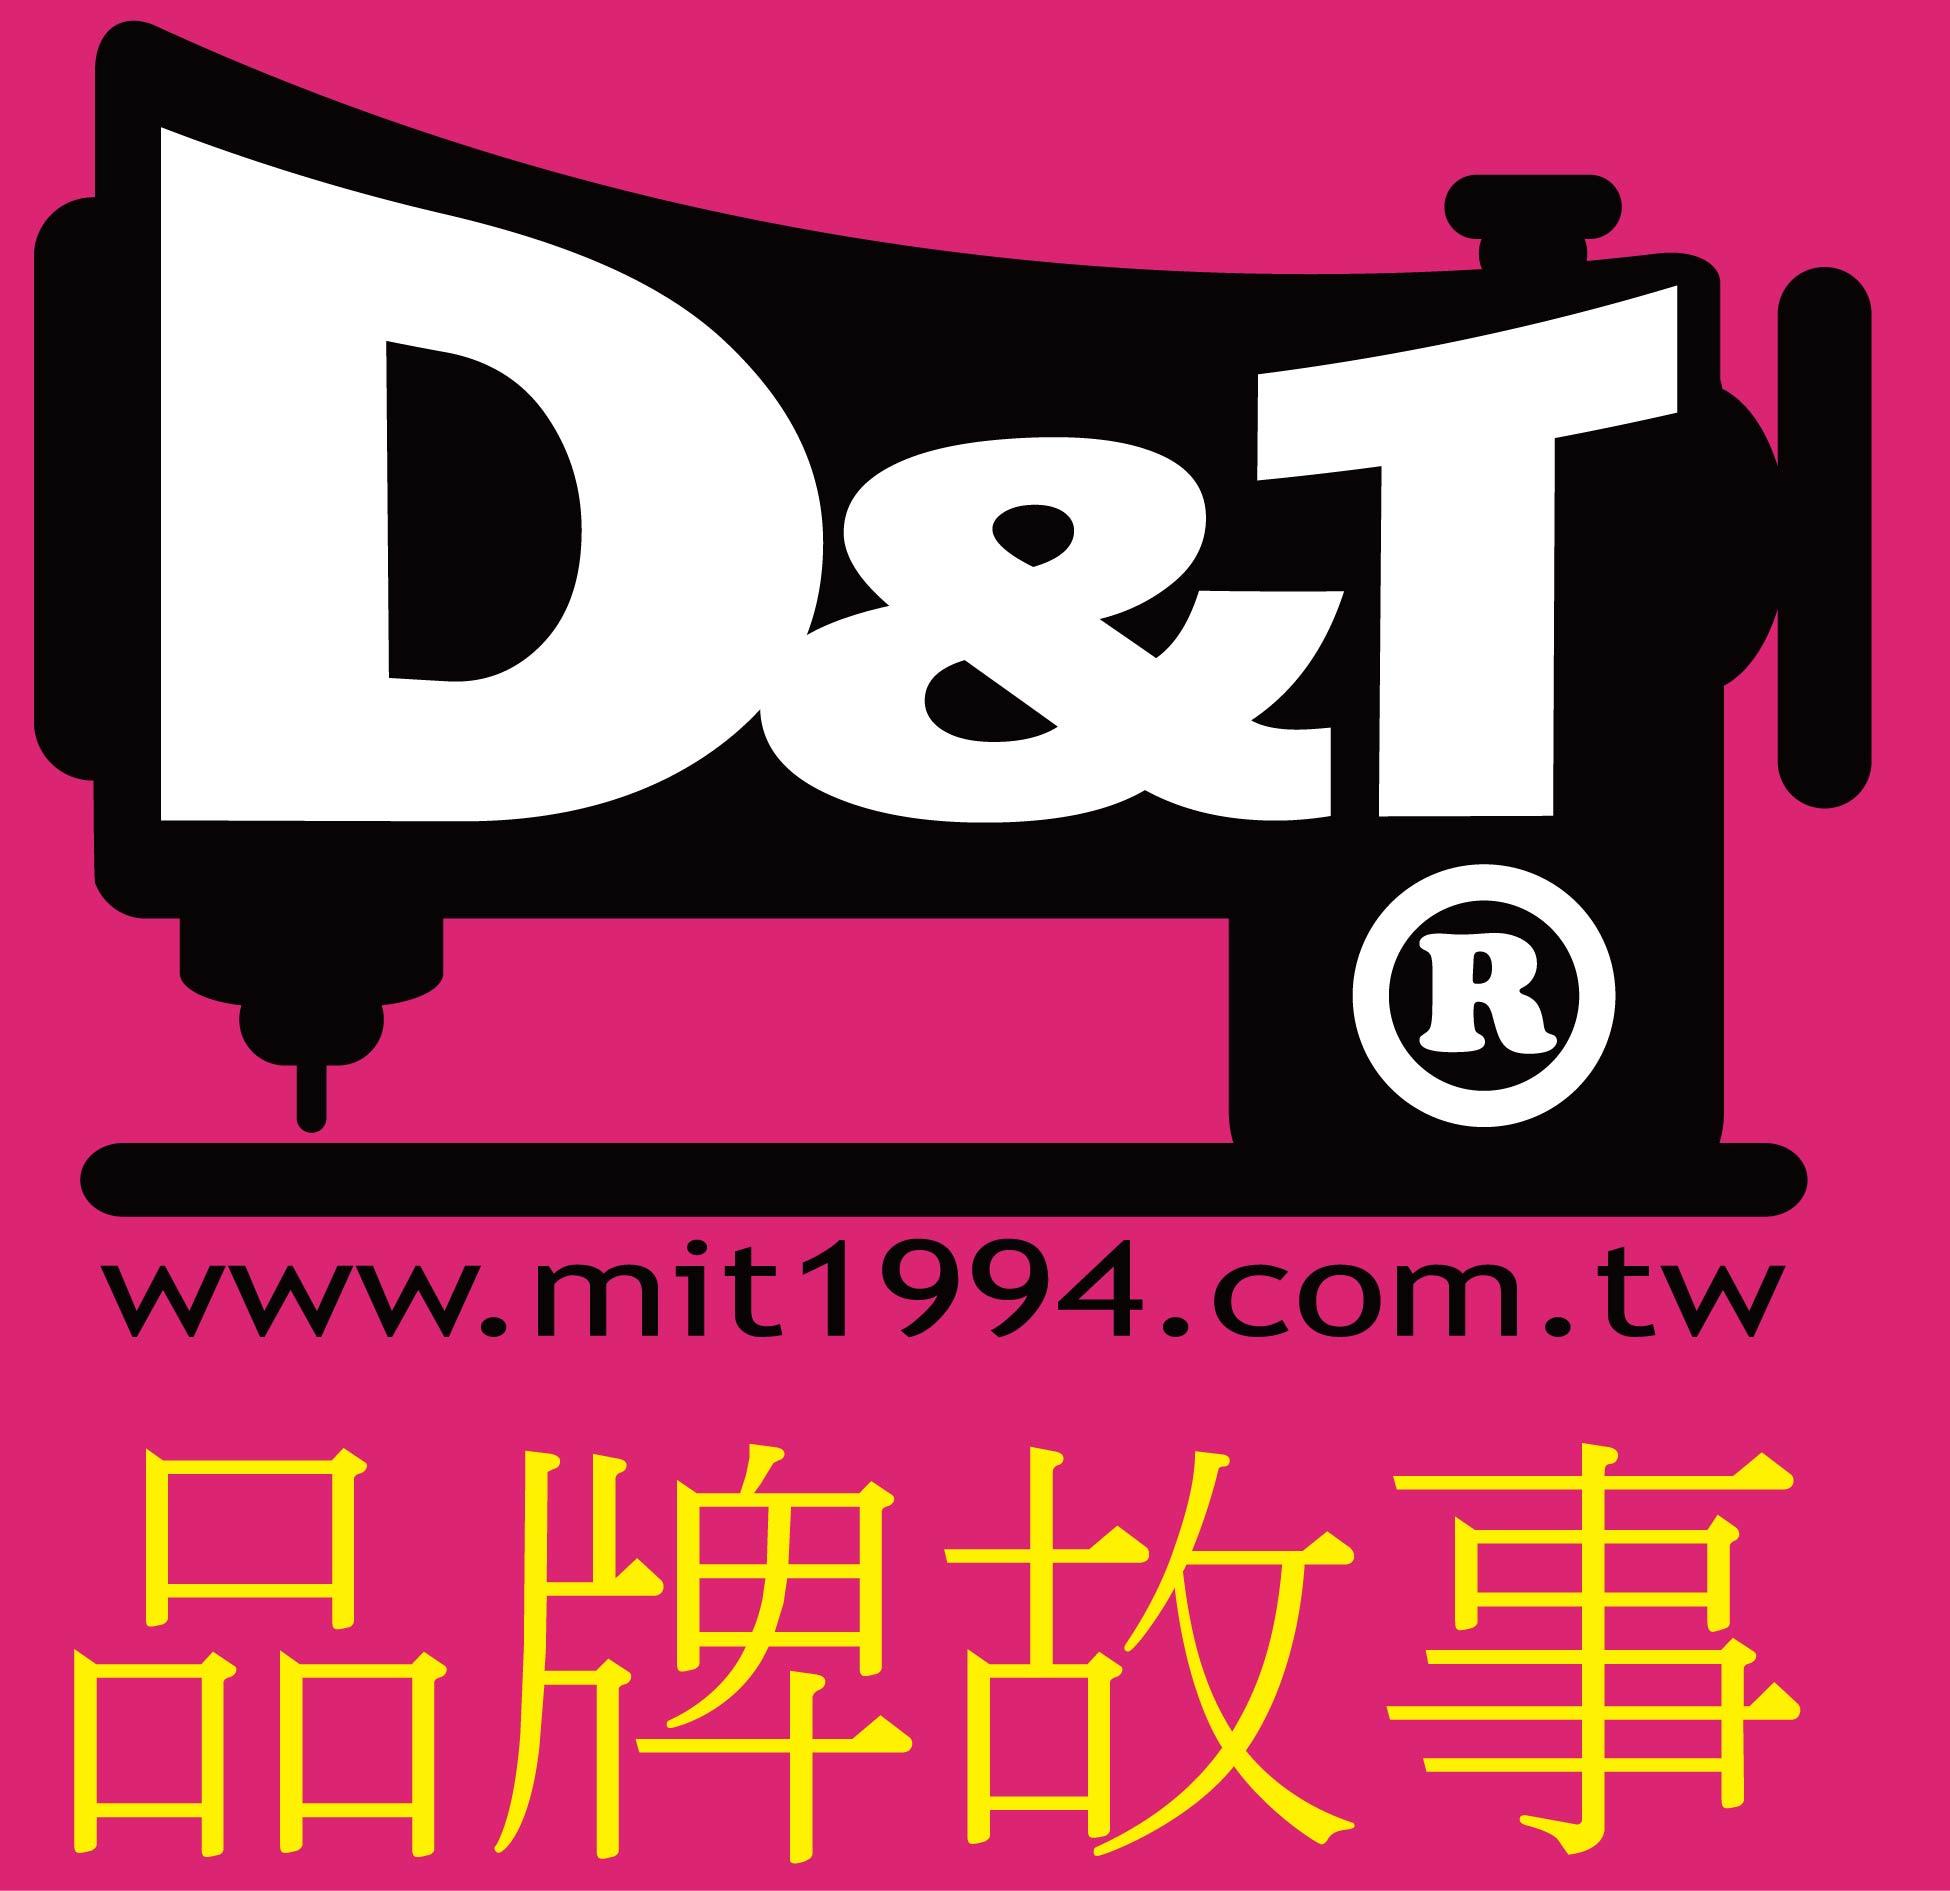 D&T品牌故事